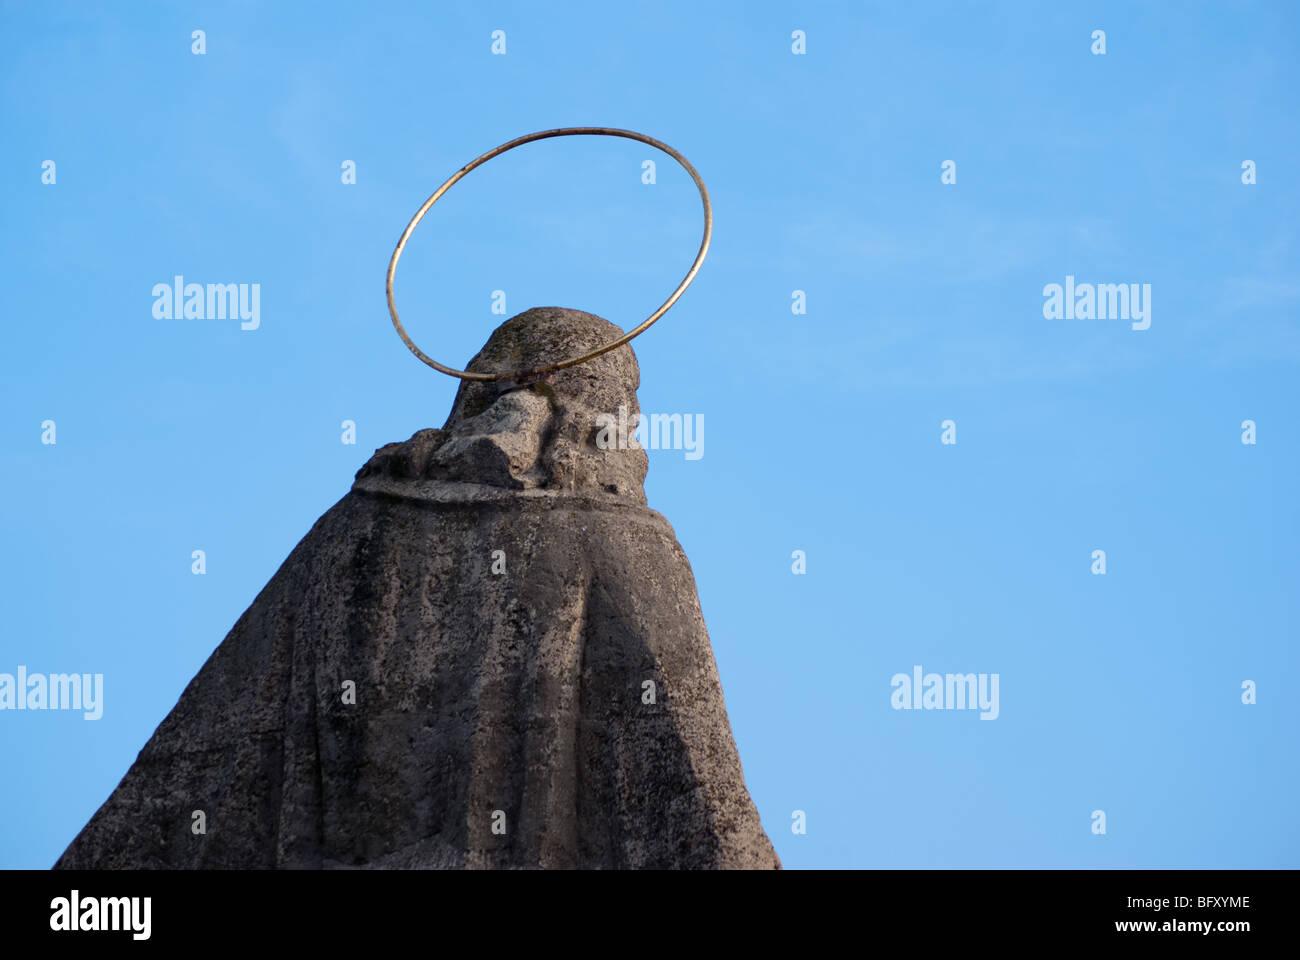 Abbildung von Jesus Christus auf der Oberseite ein Tor zur Kirche Saint-Roch in Bia?ystok Stadt, Ost-Polen. Stockbild